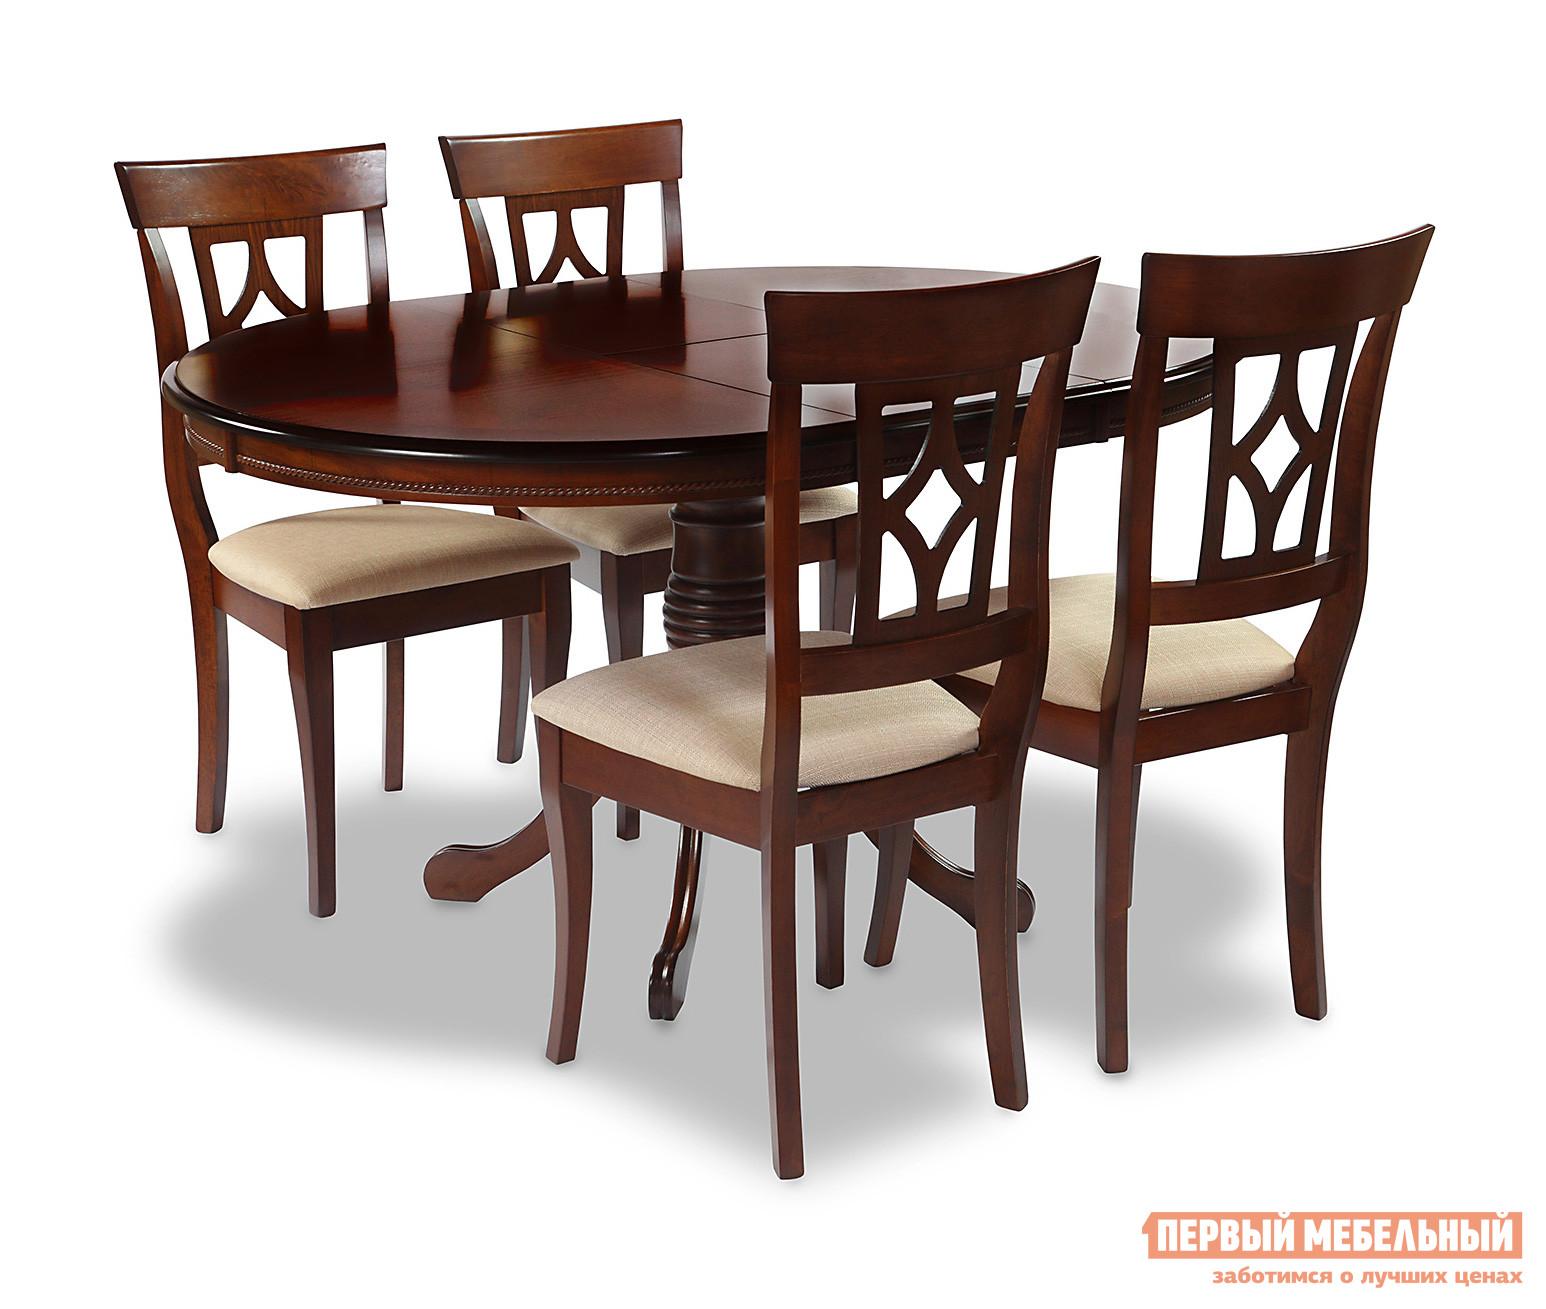 Обеденная группа для столовой и гостиной Mr. Kim Стол OP-T4EX + 4 шт. стула AM-SC2 TOBACCOОбеденные группы для столовой и гостиной<br>Габаритные размеры ВхШхГ 780x1060 / 1410x1060 мм. Такая обеденная группа — это идеальный вариант для гостиной или столовой зоны, где будет так приятно насладиться вкусным обедом в кругу семьи и друзей.  Группа включает в себя большой раскладной стол и четыре стула с мягким сиденьем.  Стол отличается элегантными формами, насыщенным темным оттенком натурального дерева и функциональными качествами.  Модель стула выполнена в традиционном классическом стиле с мягким тканевым сиденьем.  Изящный орнамент деревянной спинки привлекает внимание и делает его комфортным для положения спины.  При необходимости стол раскладывается до 1410 мм благодаря дополнительной вставке размером 350 мм.  В сложенном состоянии панель «прячется» внутрь столешницы.  Механизм раскладки — «бабочка». Размеры стола (ВхШхГ): 780 х 1060/1410 х 1060 мм. Расстояние между крайними точками ножек стола составляет 820 мм. Диаметр основной ноги в самом широком месте — 150 мм. Размеры стула (ВхШхГ): 930 х 440 х 520 мм. Стол изготавливается из массива гевеи с применением МДФ и шпона.  Каркас стула выполнен из массива гевеи, обивка на сиденье — ткань.<br><br>Цвет: TOBACCO<br>Цвет: Красное дерево<br>Высота мм: 780<br>Ширина мм: 1060 / 1410<br>Глубина мм: 1060<br>Кол-во упаковок: 5<br>Форма поставки: В разобранном виде<br>Срок гарантии: 1 год<br>Тип: Раздвижные, Трансформер, На 4 персоны<br>Материал: Деревянные, Из натурального дерева, из шпона<br>Порода дерева: из массива гевеи<br>Форма: Круглые, Овальные<br>Размер: Маленькие<br>Особенности: Со стульями